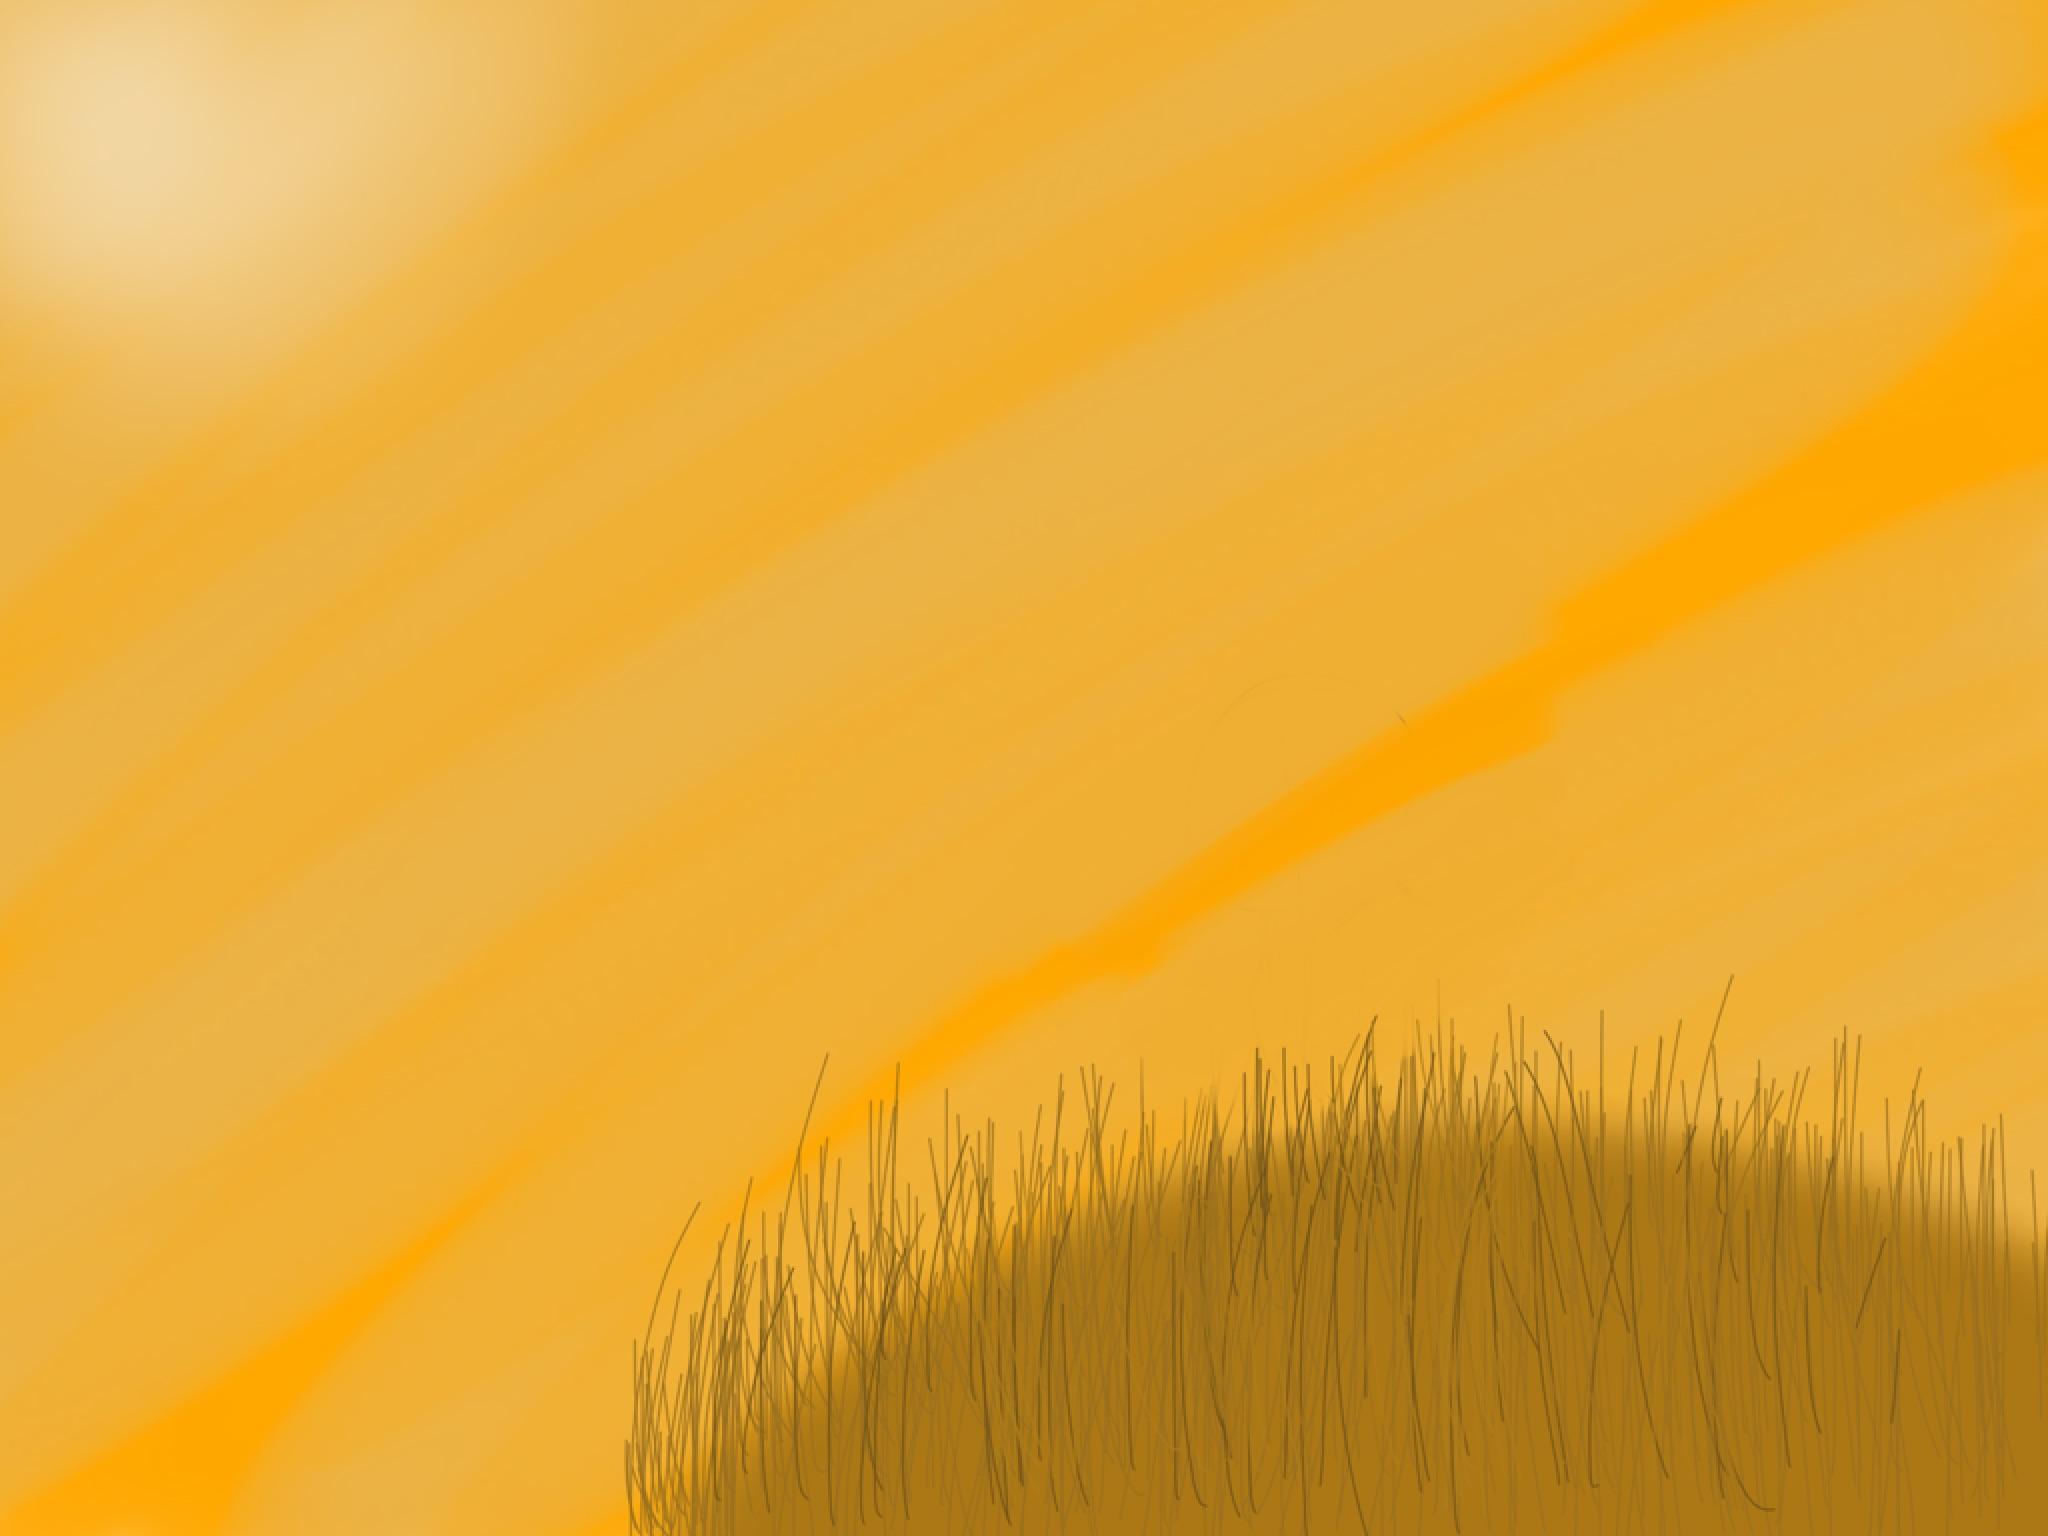 Galería de Aisha - Página 5 A_t_a_r_d_e_c_e_r_by_tlk323-d9bhntq